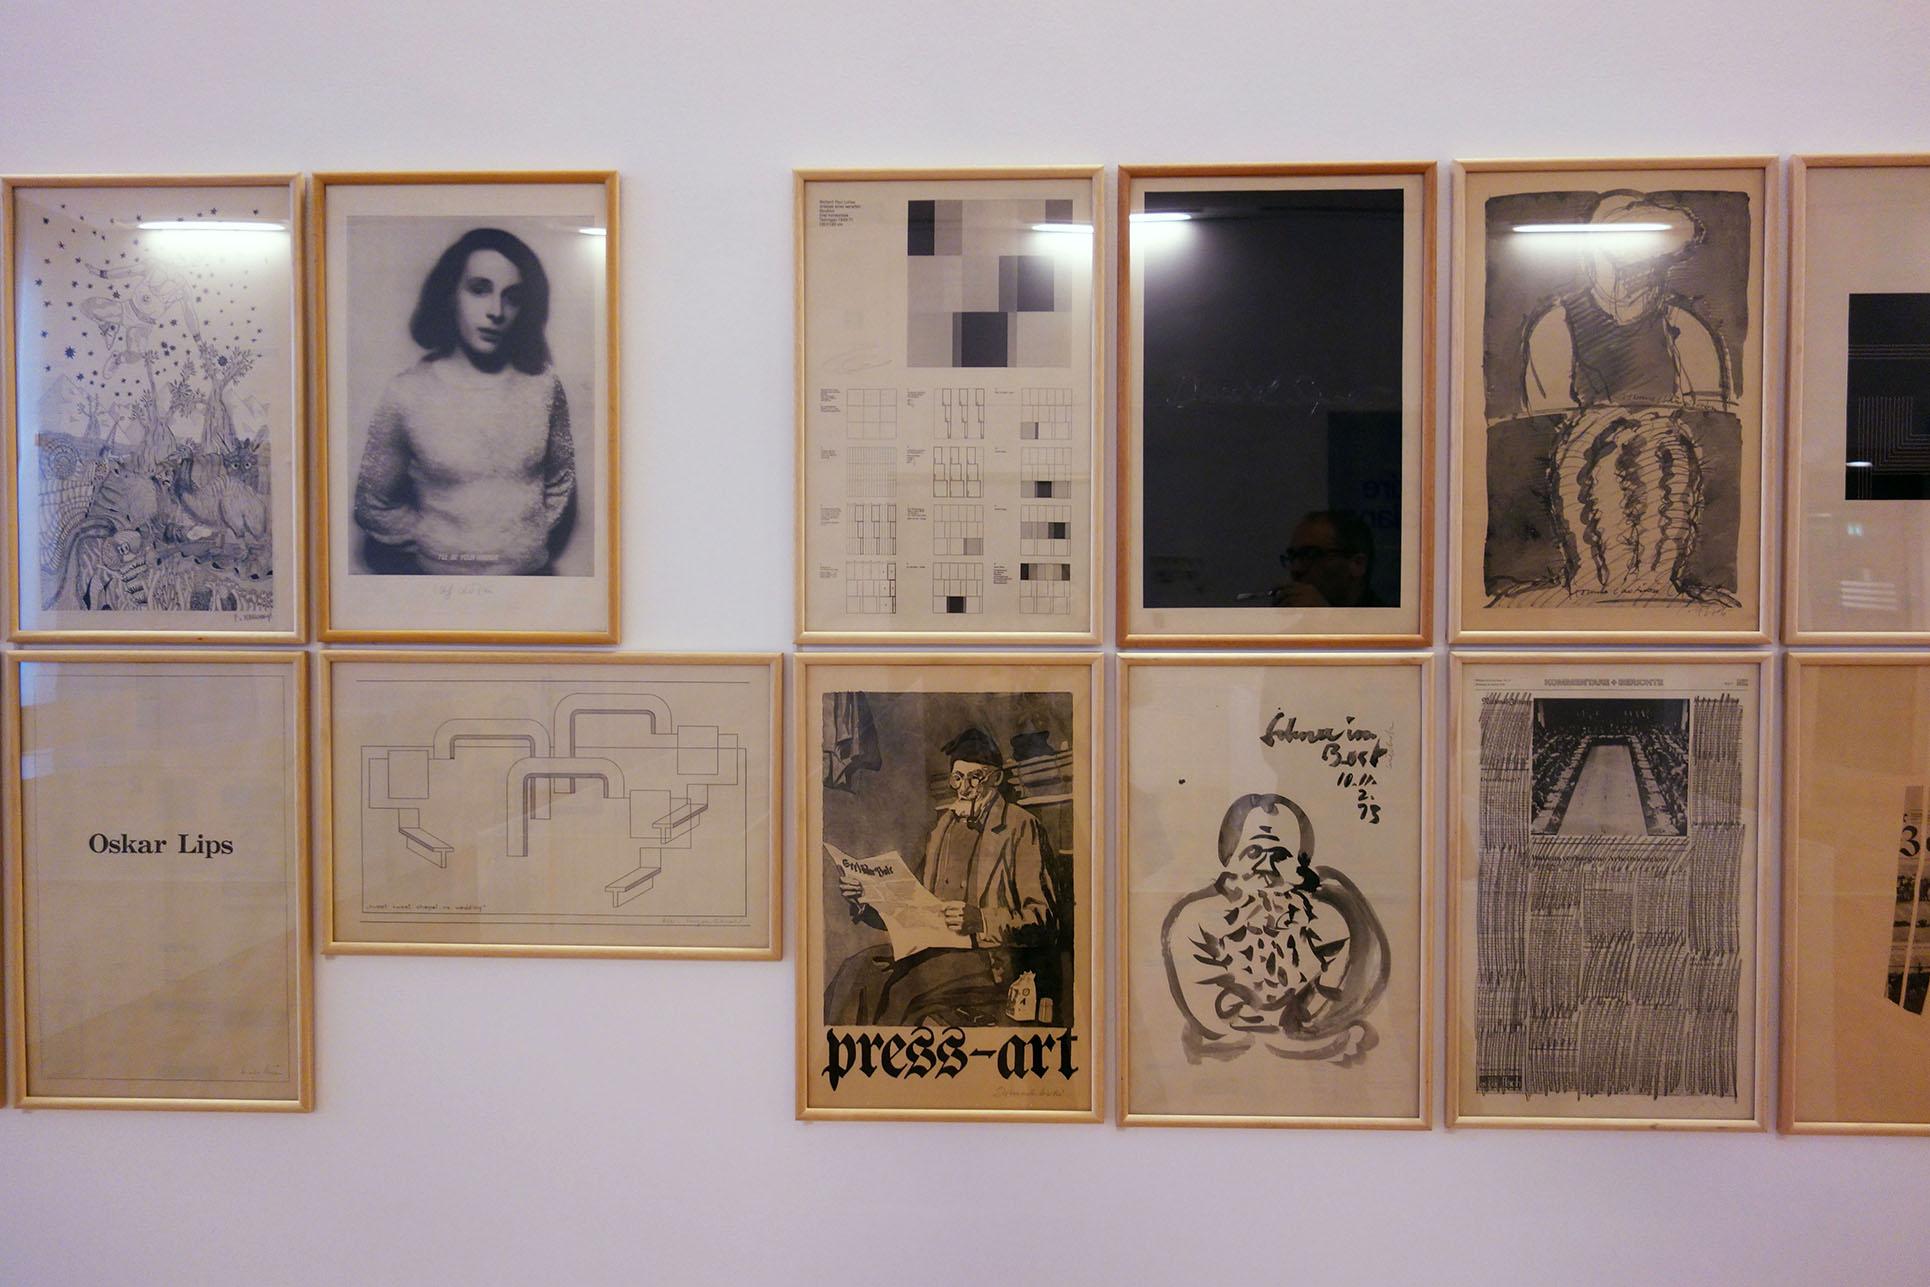 """Ed. Press ART, """"National-Zeitung"""" 1972-1973, Offset on newspaper, Exhibition view (Photo: Barbara Fässler)"""